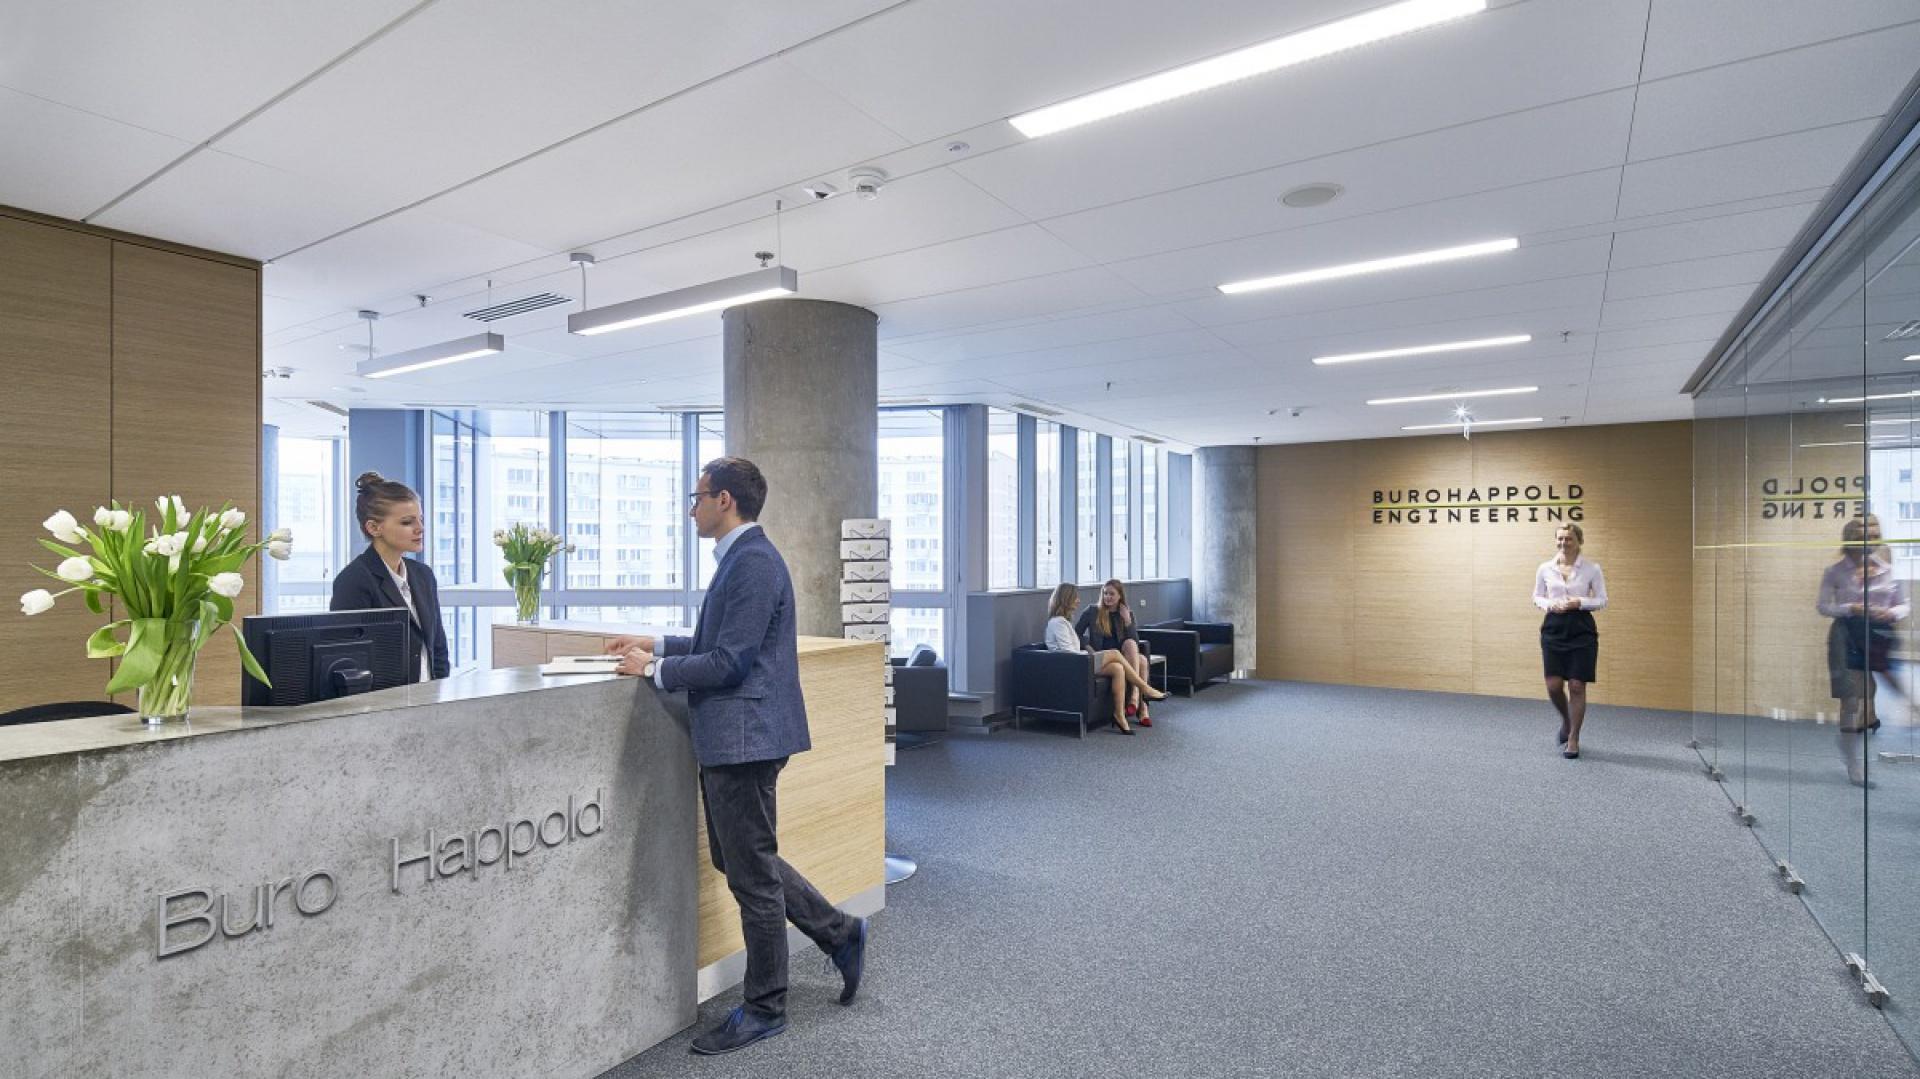 Na 6 piętrze budynku gości wita przestrzenna recepcja. Fot. BuroHappold Engineering